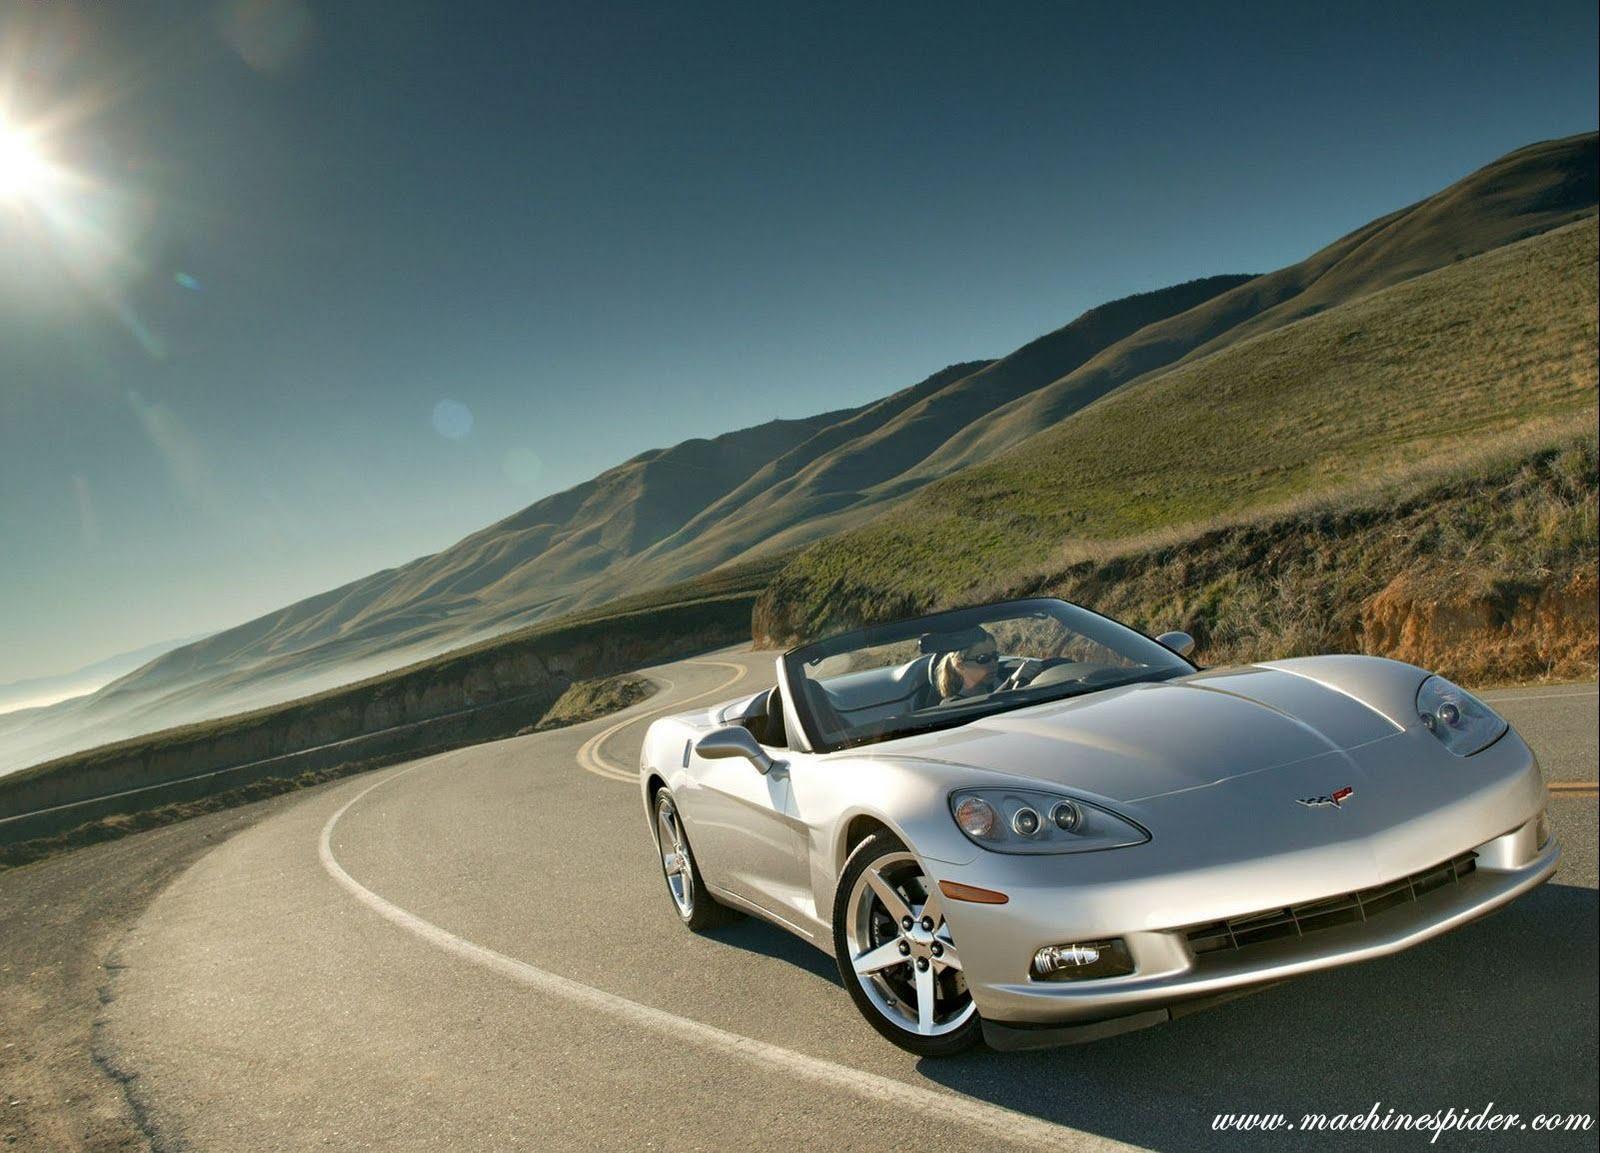 http://1.bp.blogspot.com/_HtriIY5et8U/TDGMPd3skMI/AAAAAAAABR0/X5bvXALwz54/s1600/Chevrolet-Corvette_C6_2005_1600x1200_wallpaper_01.jpg